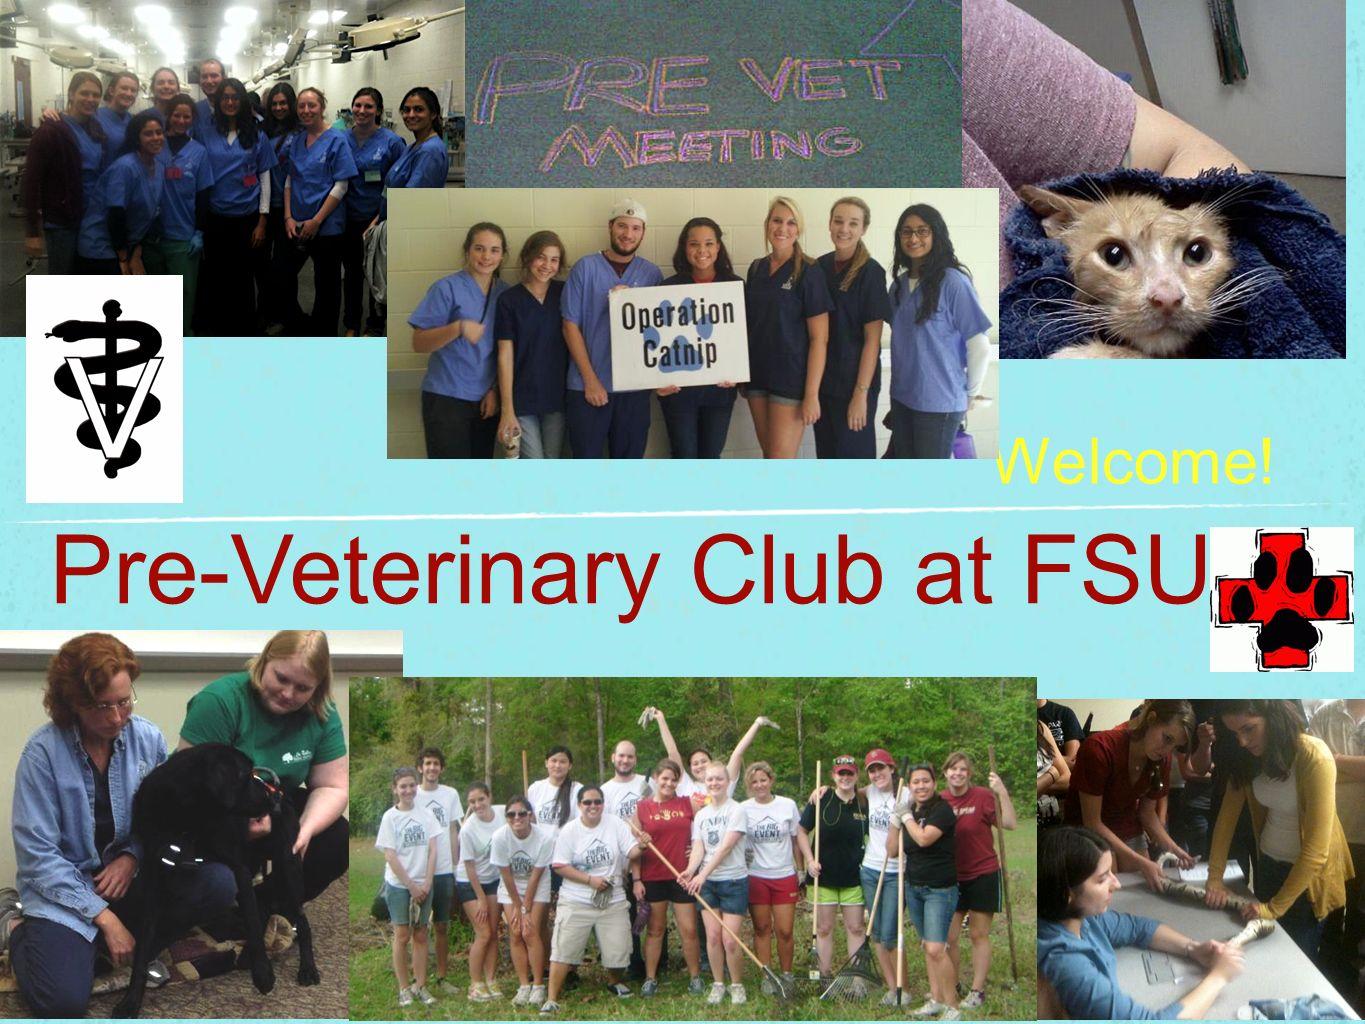 Pre-Veterinary Club at FSU!